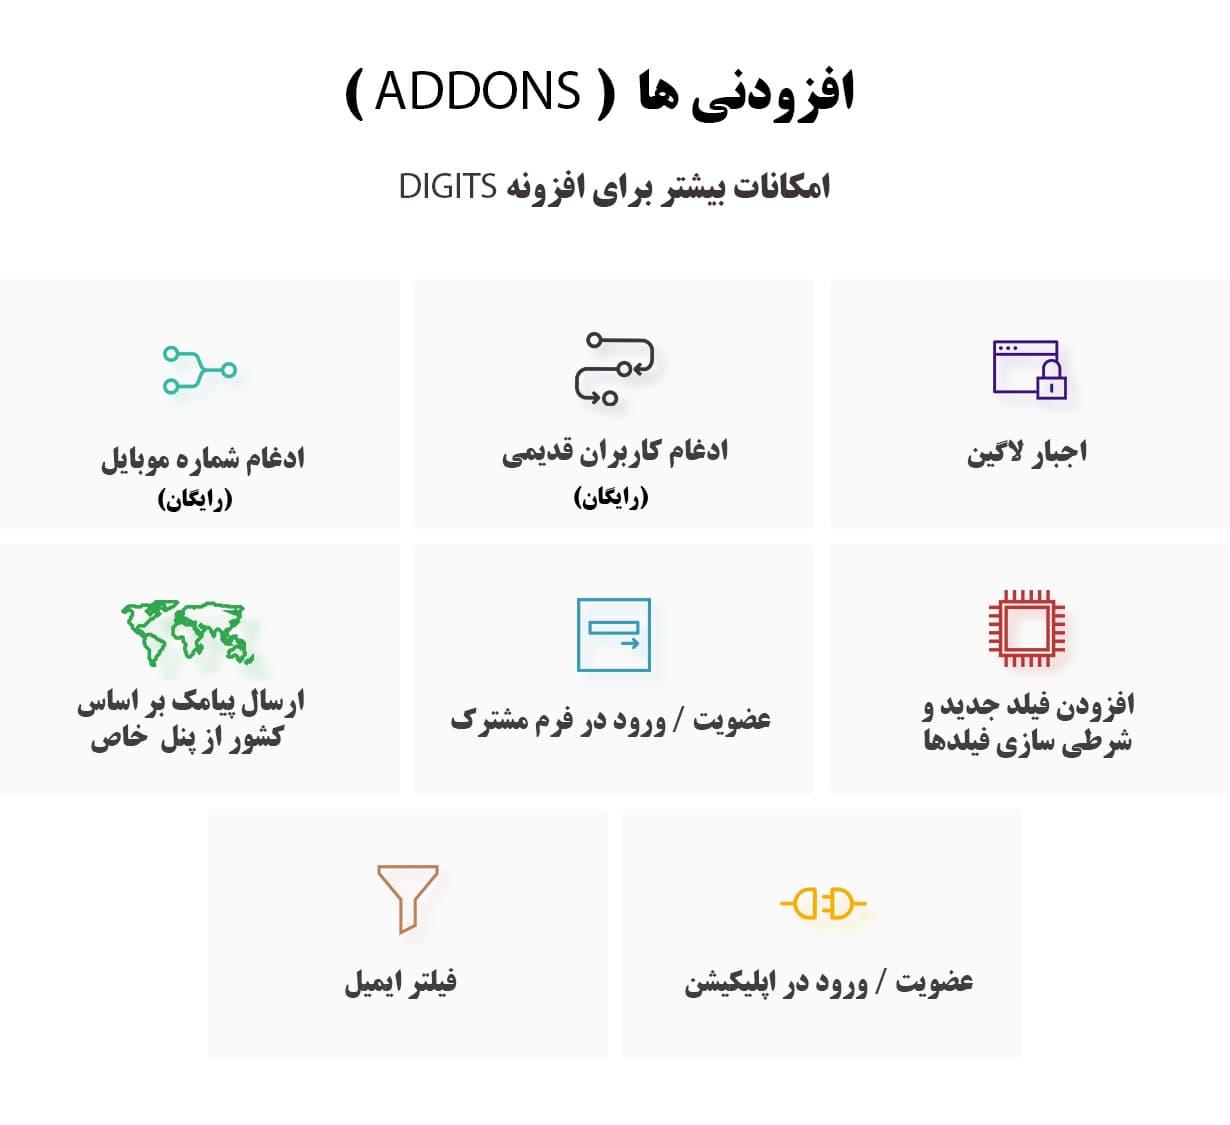 افزونه دیجیتز-3